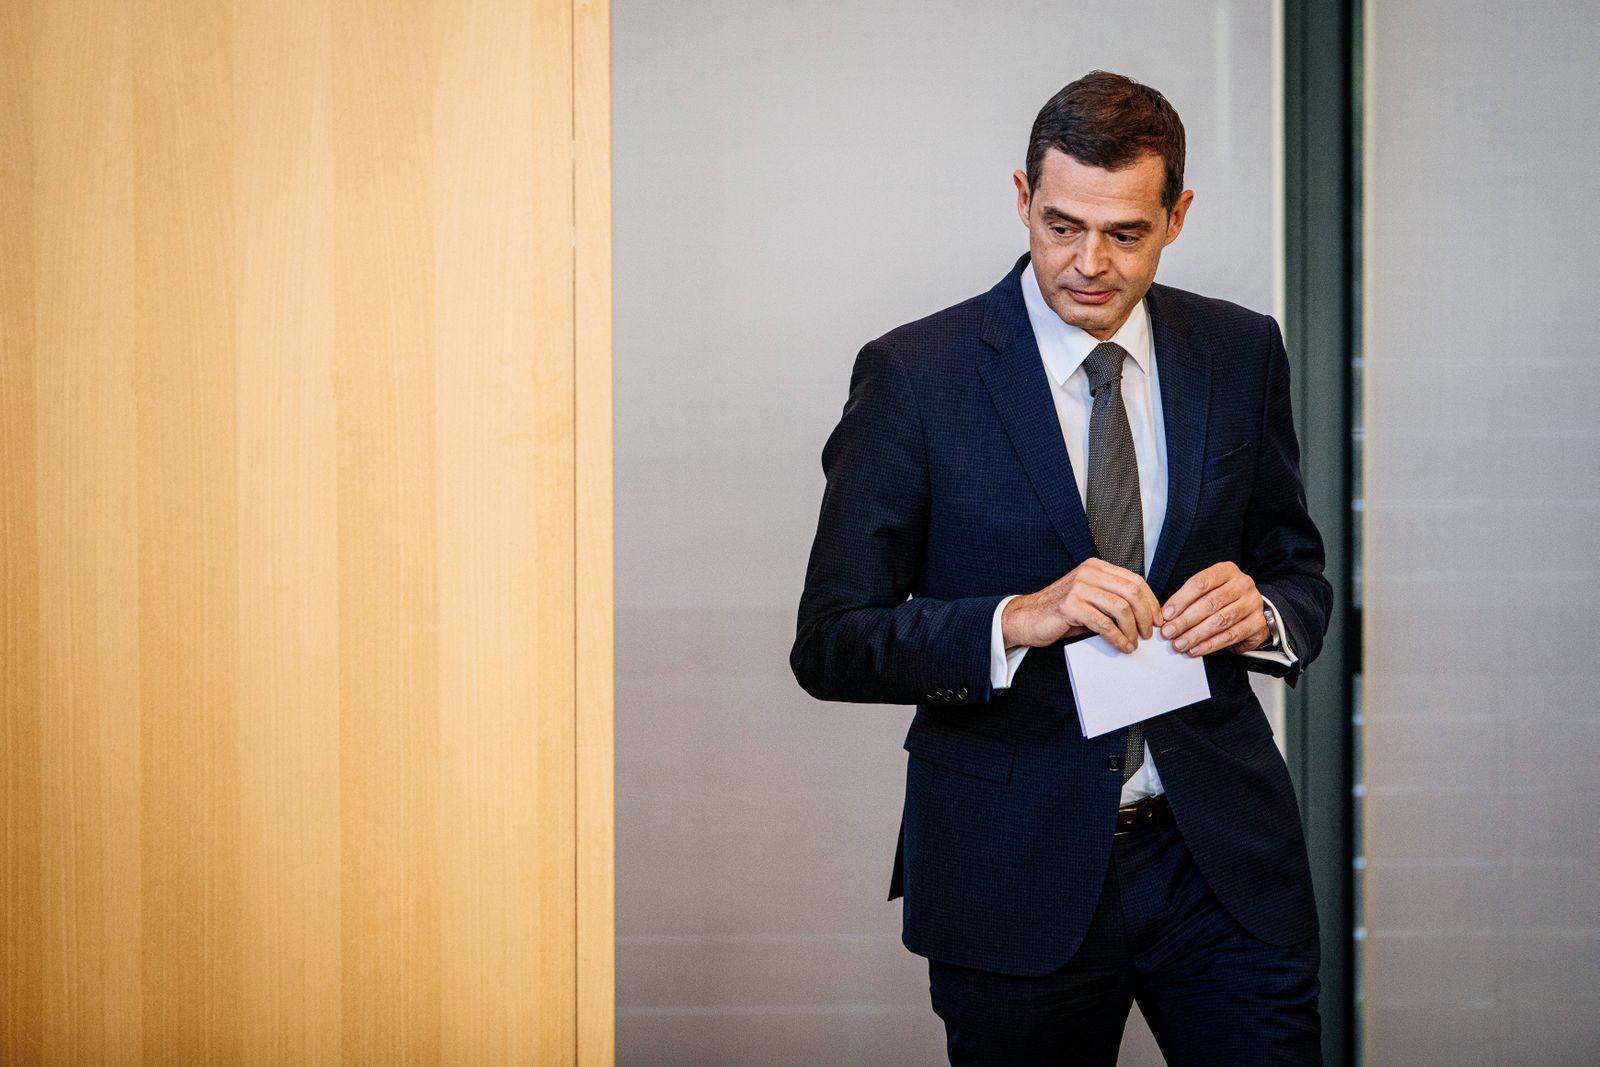 Erfurt , 050220 , 7. Plenarsitzung am 5. Februar , Sondersitzung des Thüringer Landtags zur Wahl eines Ministerpräsiden